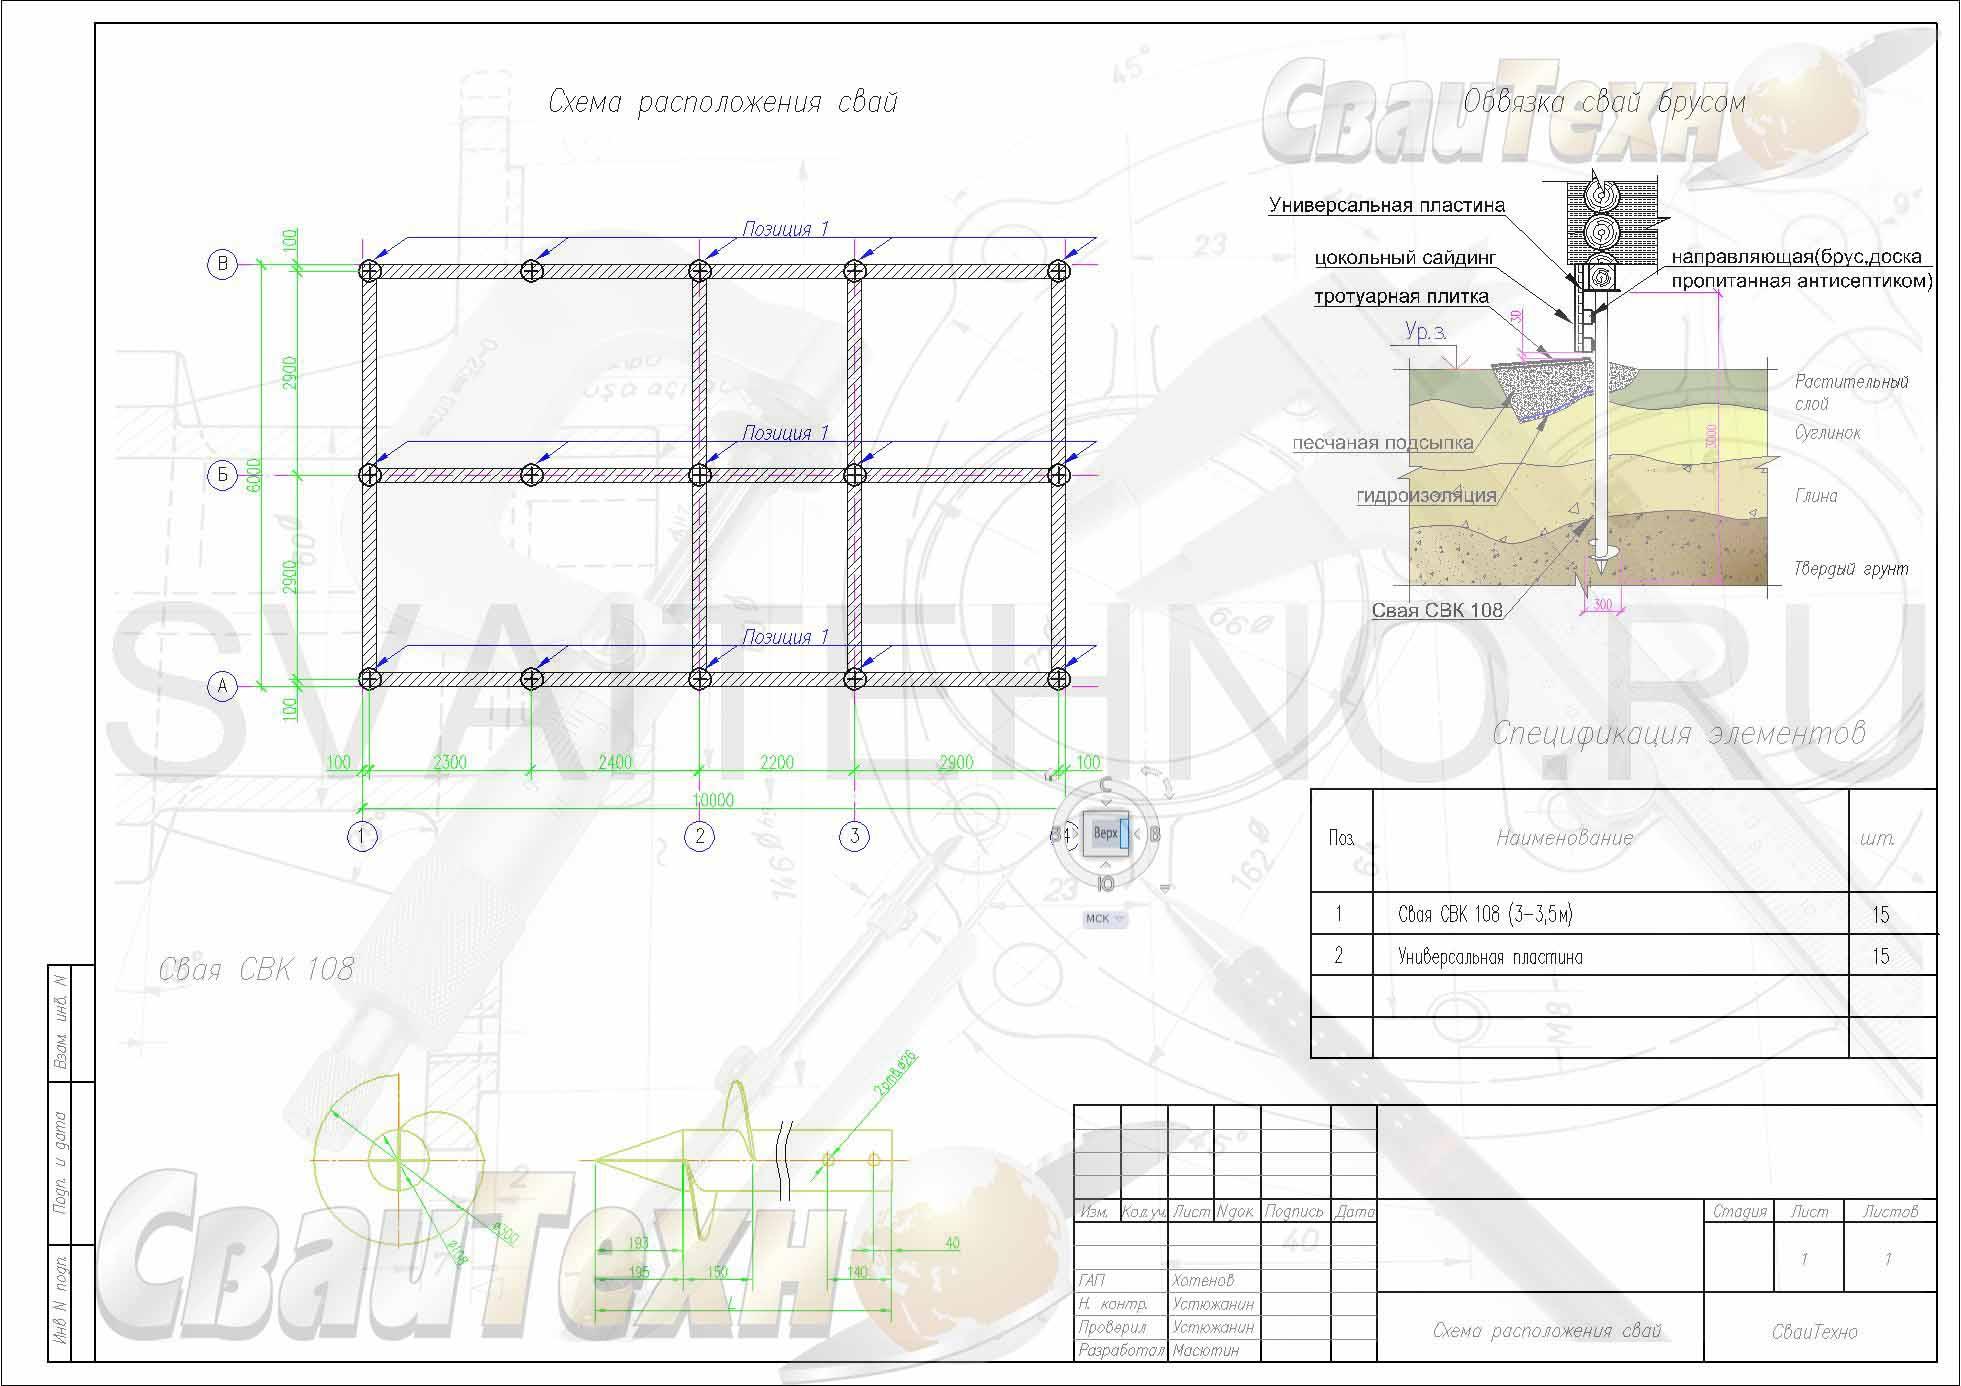 Схема расположения свай для строительства каркасного дома